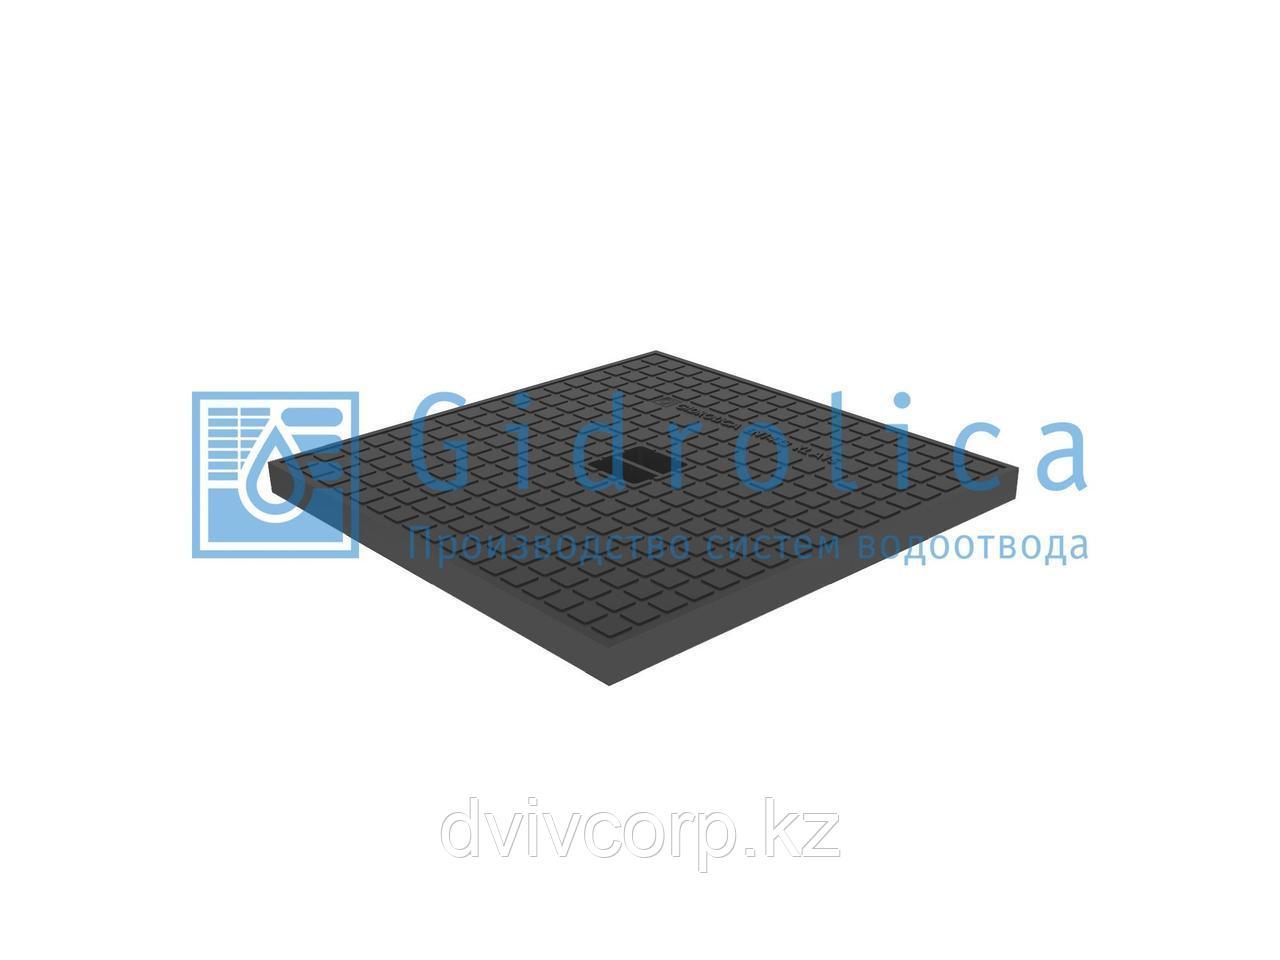 Арт. 209 Крышка для дождеприёмника Gidrolica Point ДП-40.40 пластиковая